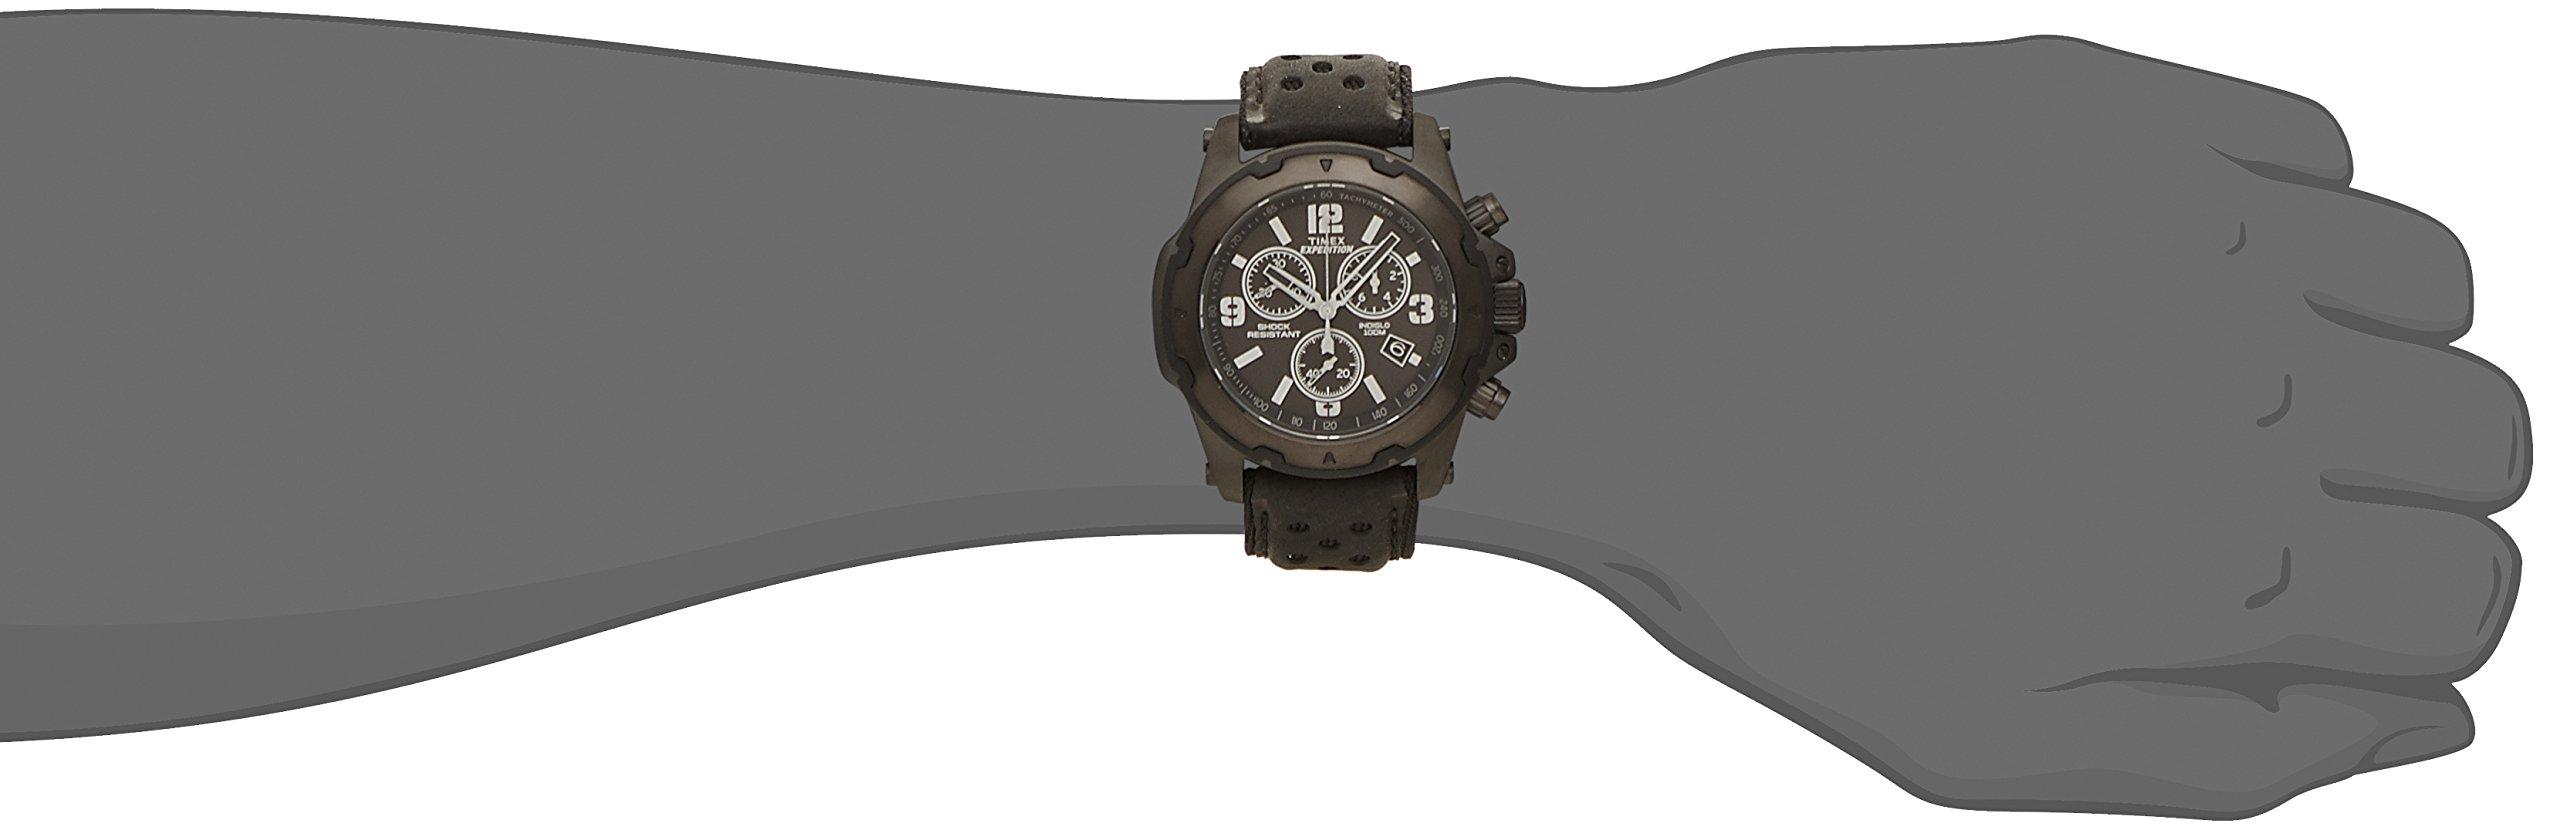 Timex Expedition TW4B01400 – Reloj de Cuarzo para Hombres, Color Negro